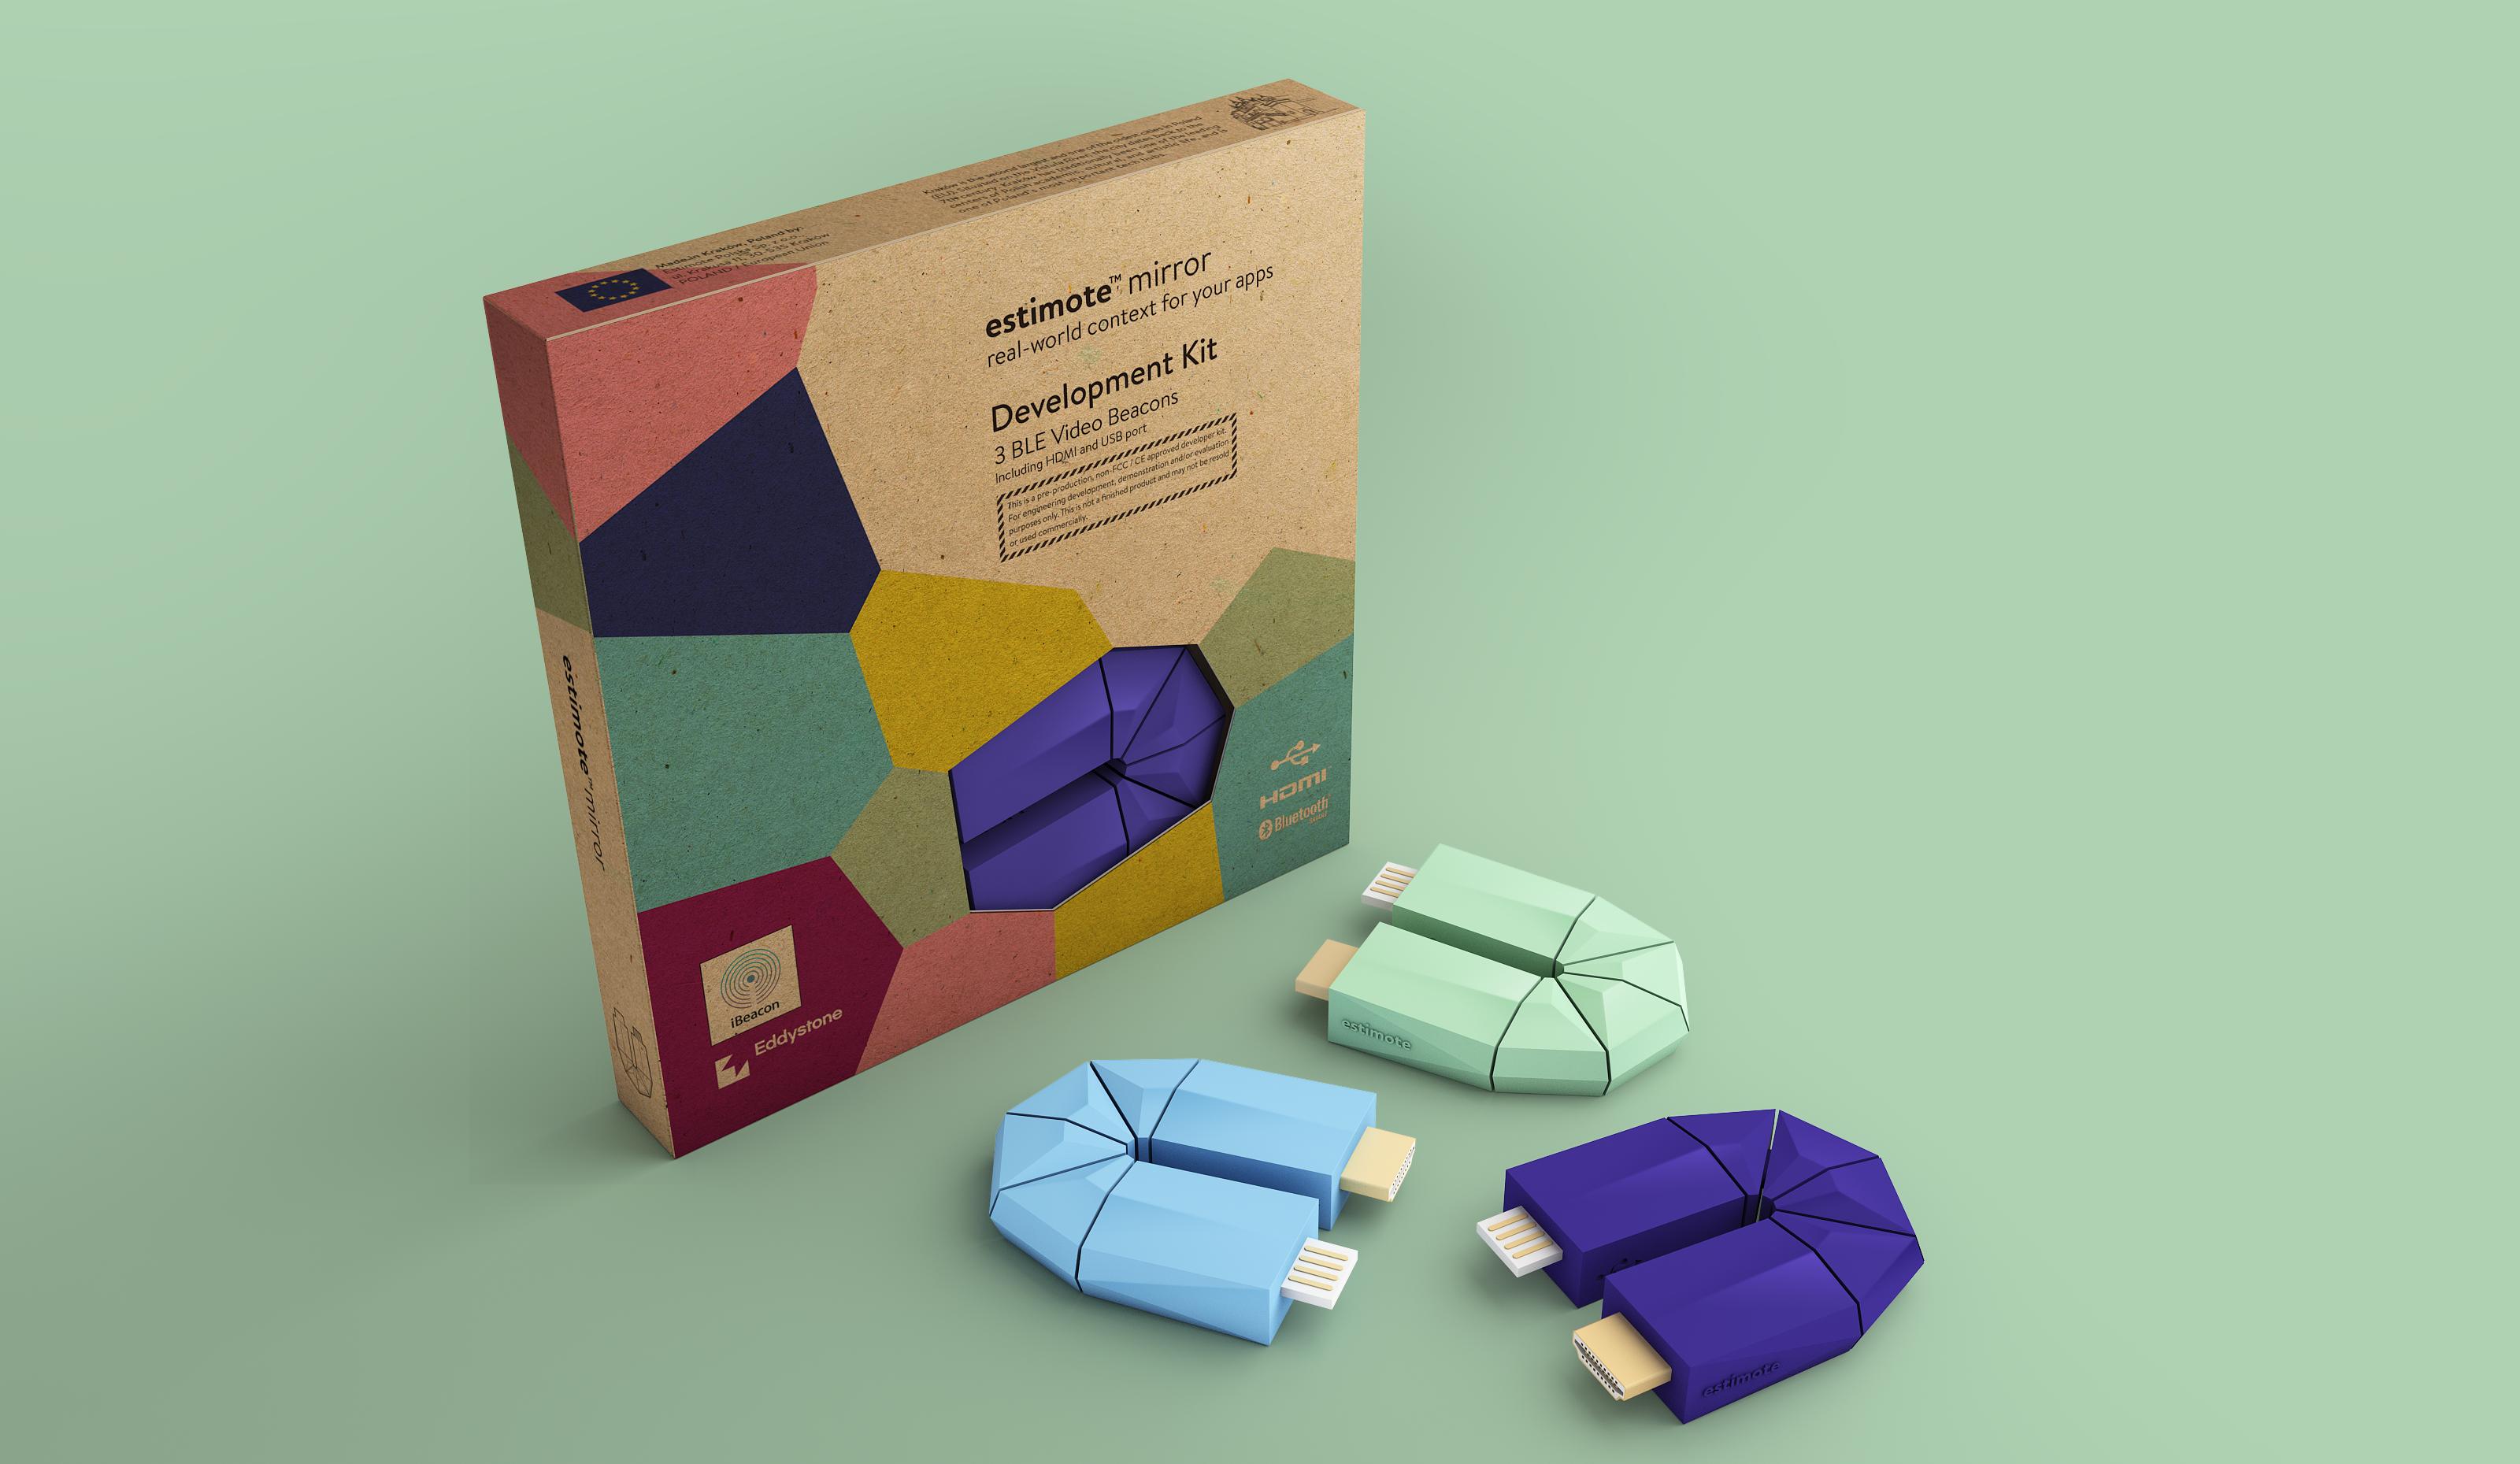 Estimote — Press Kit